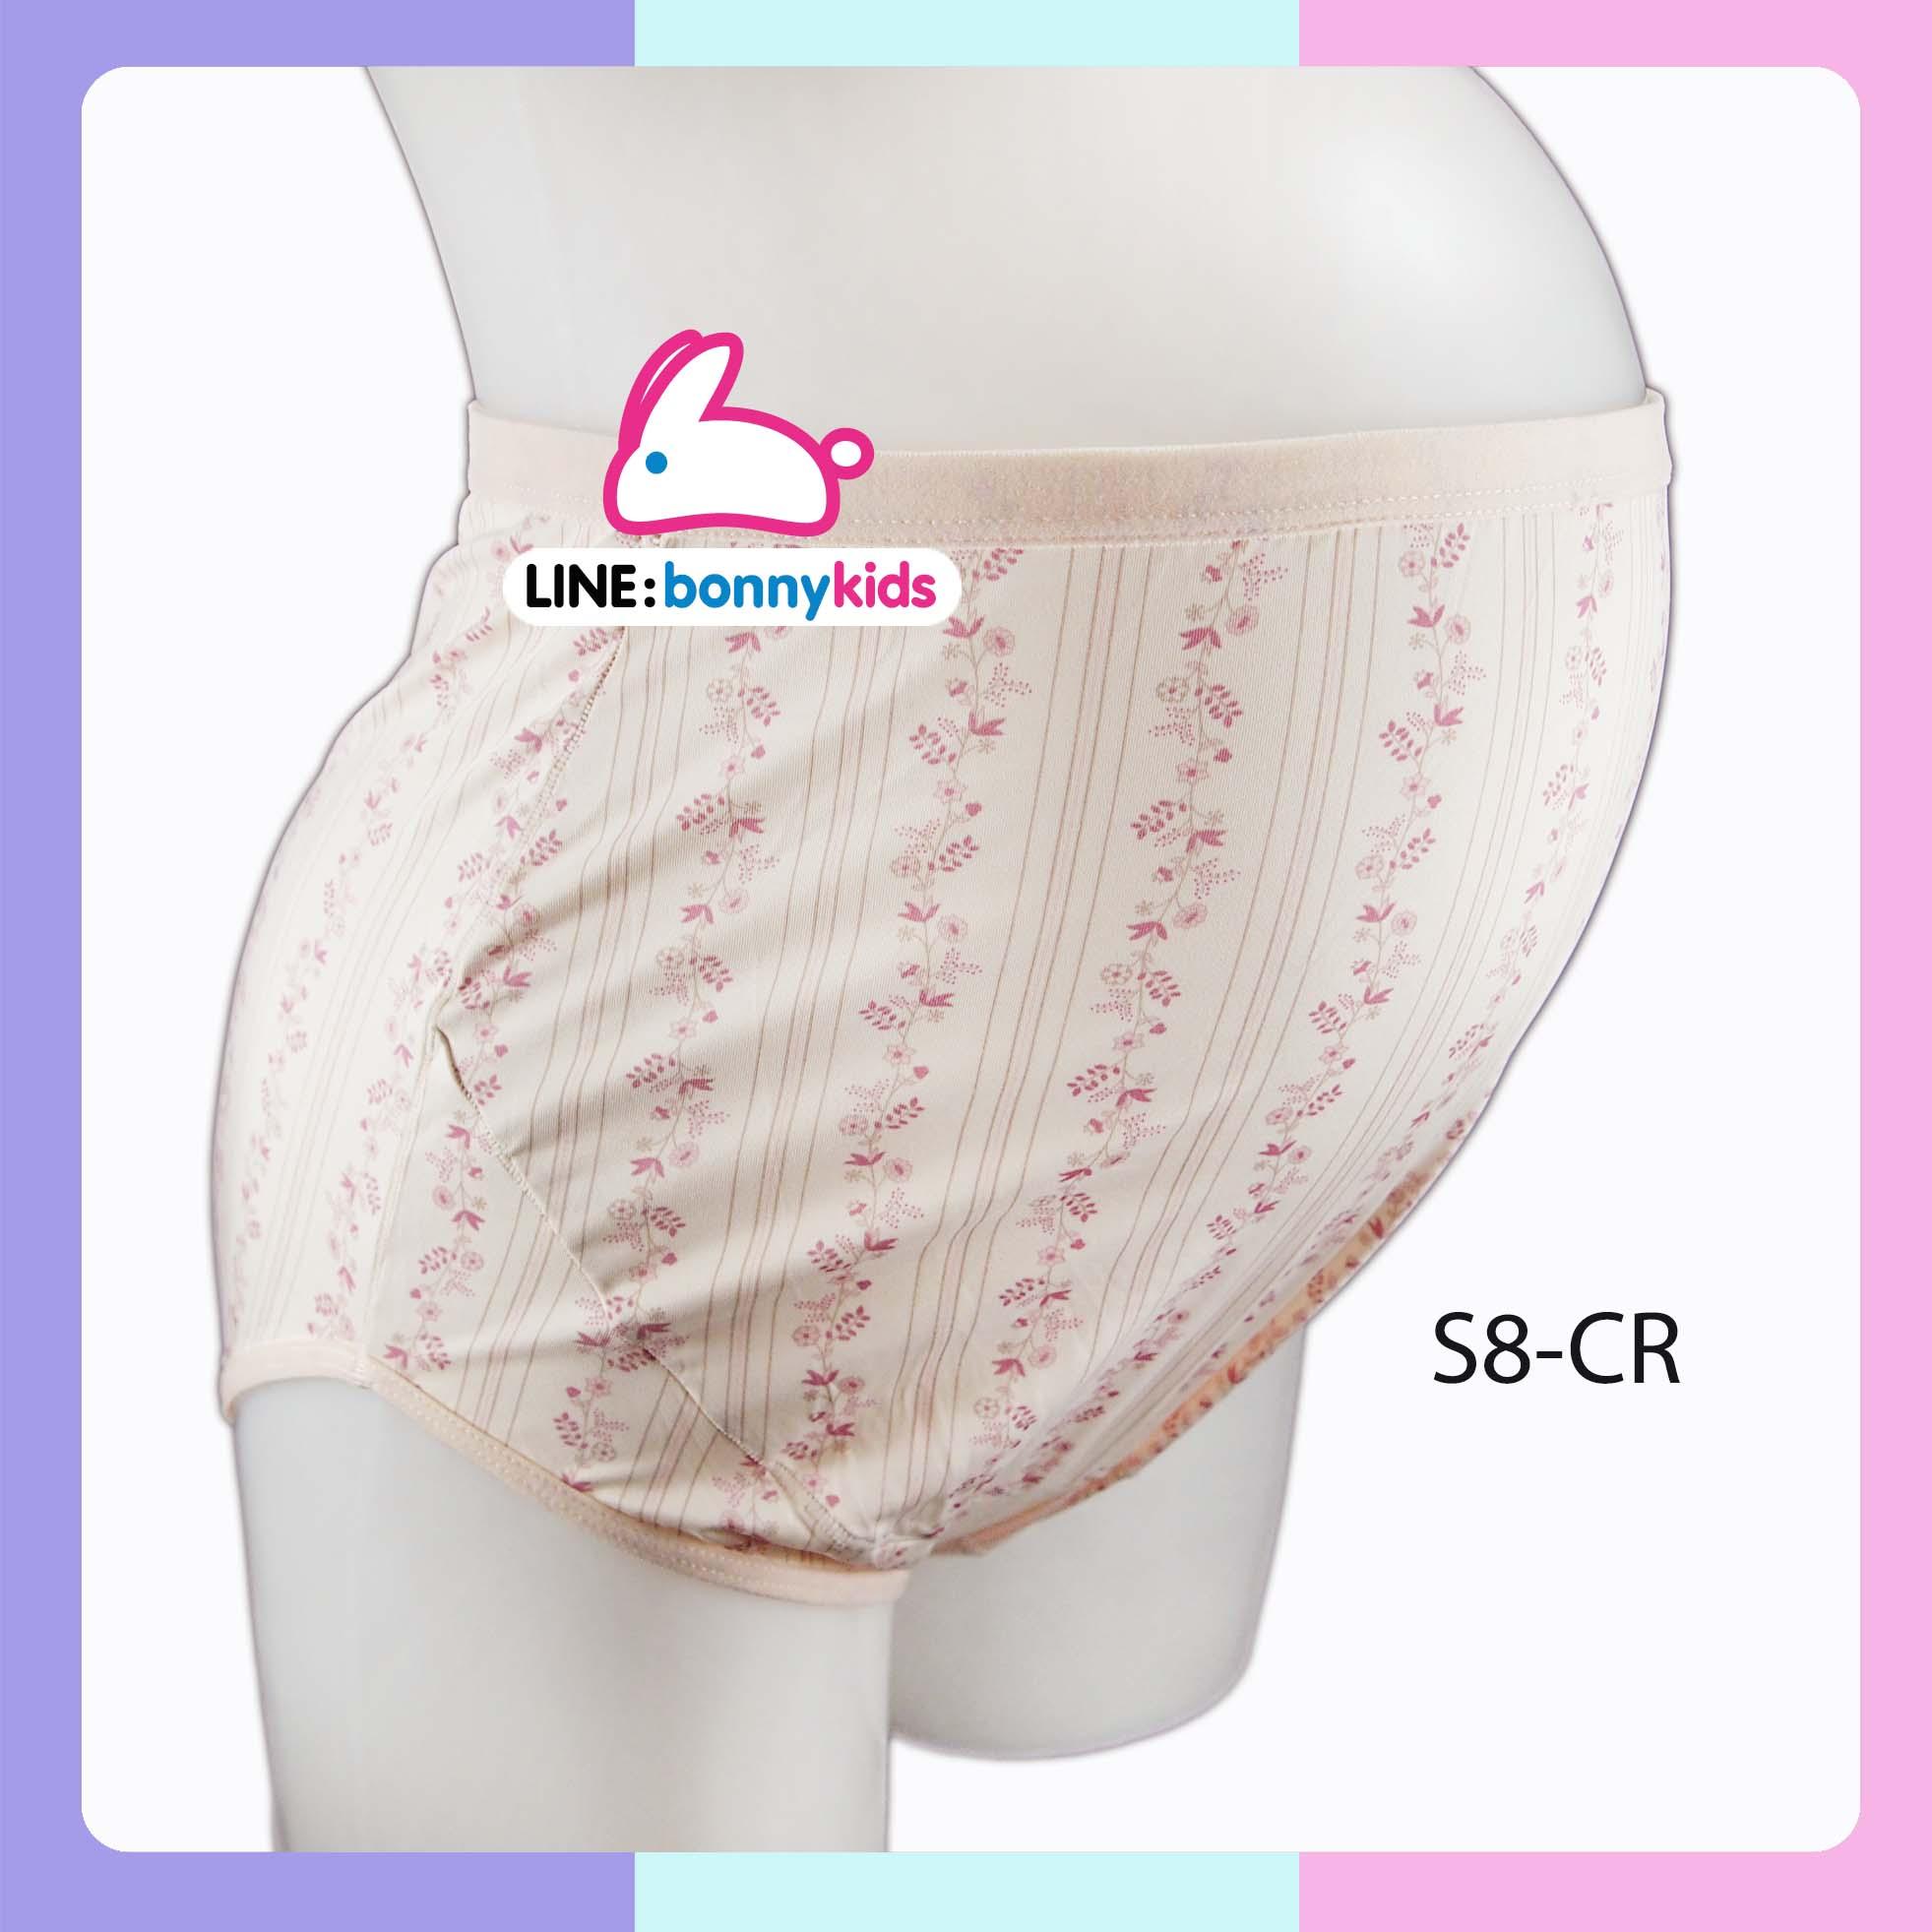 กางเกงในคนท้อง (พยุงครรภ์) ผ้ามันวาว ลายดอกไม้ สีครีม